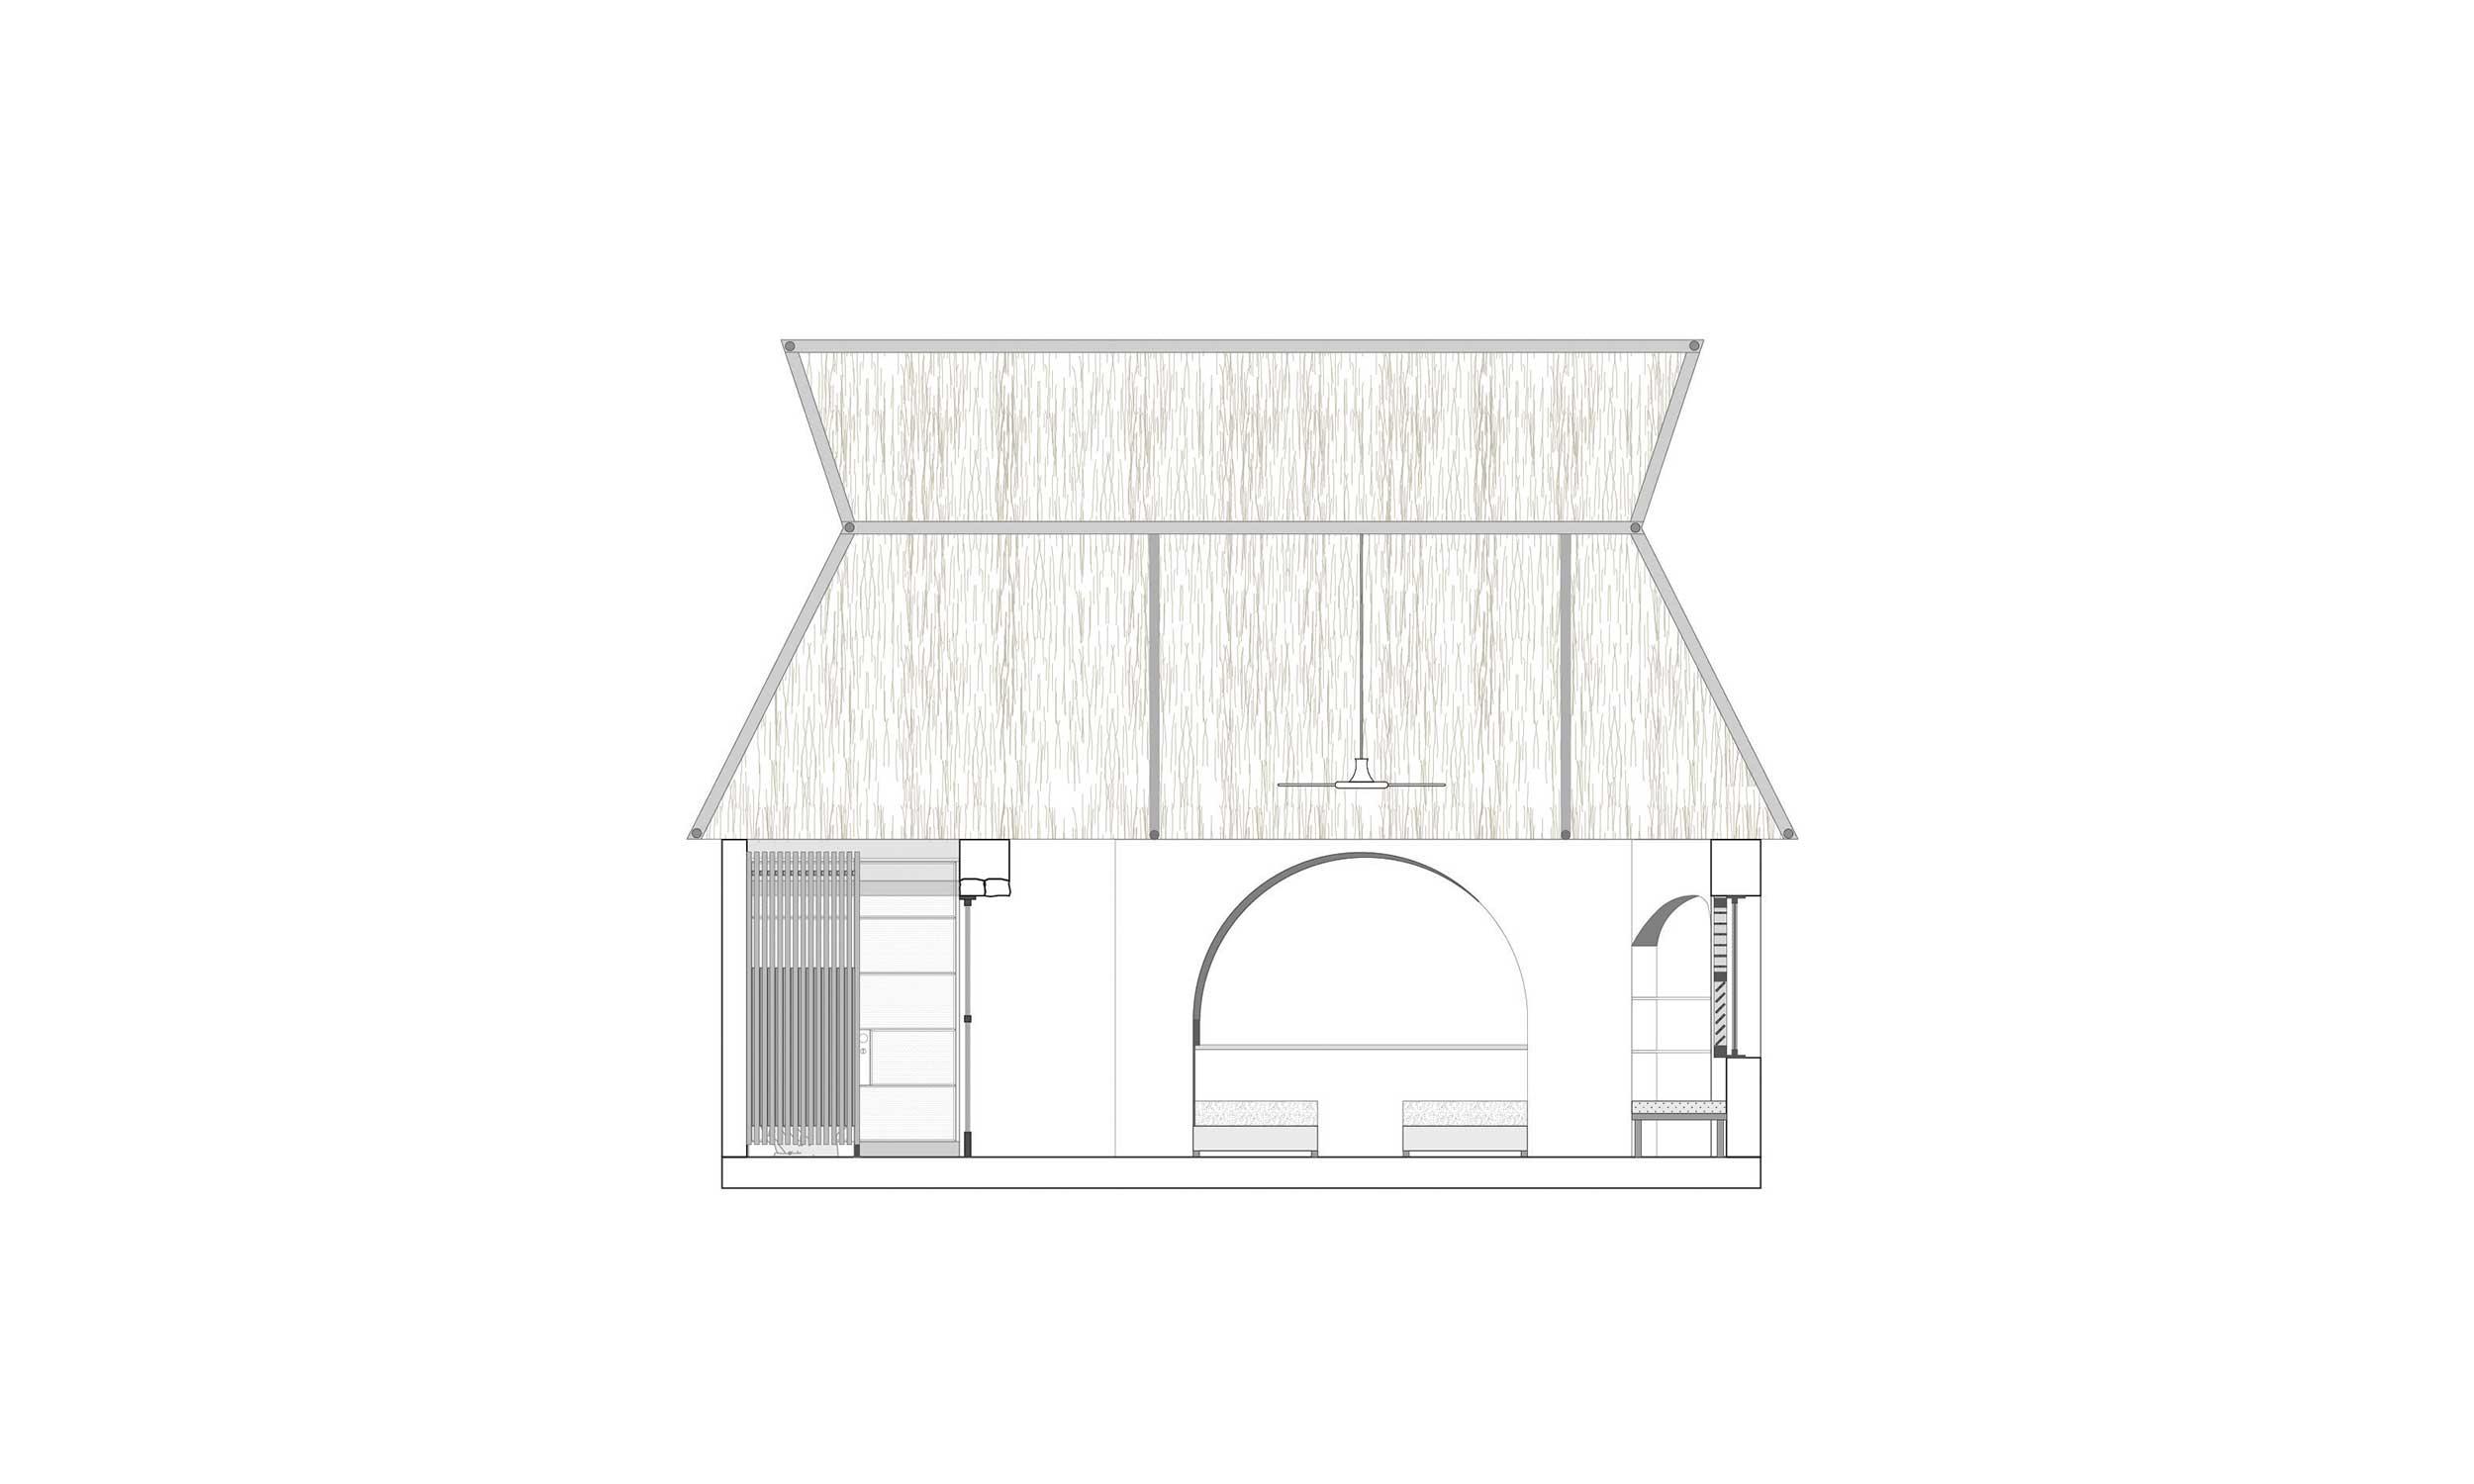 main_office_villa_pelicanos_drawing_03